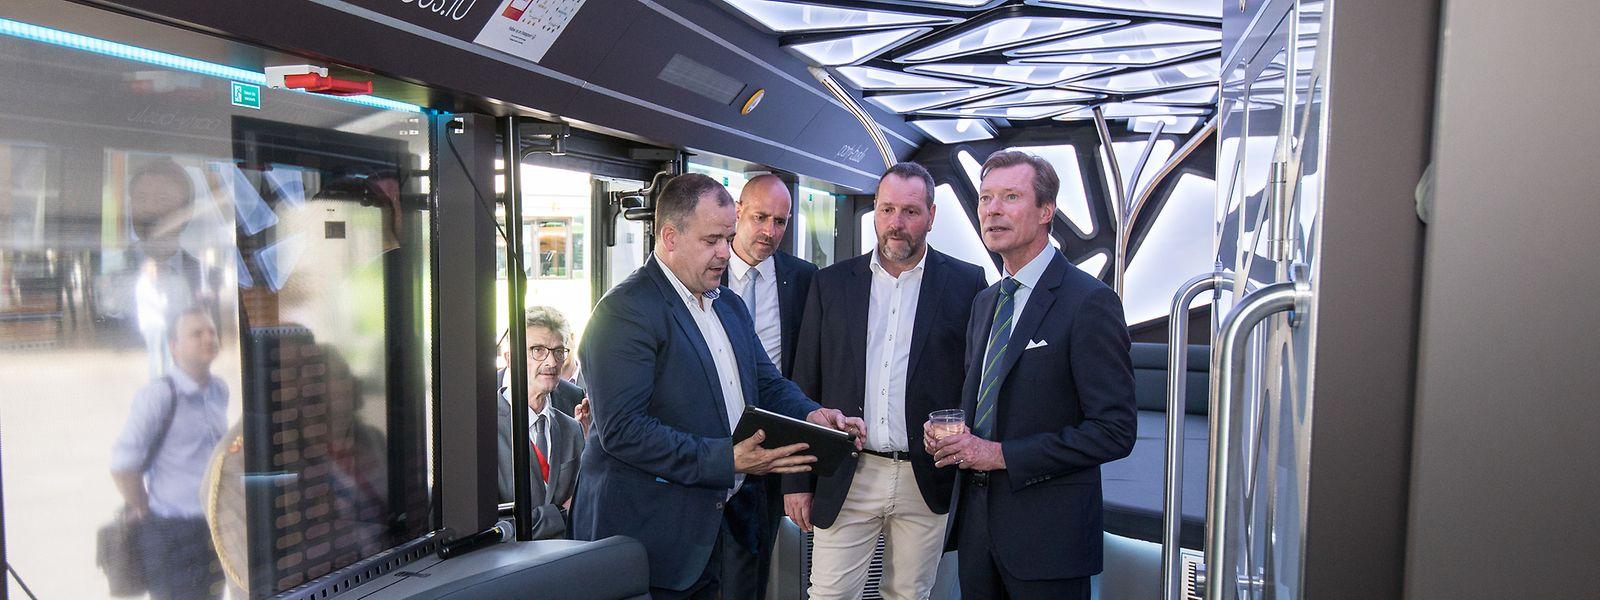 Großherzog Henri besichtigt den Partybus von Sales-Lentz.